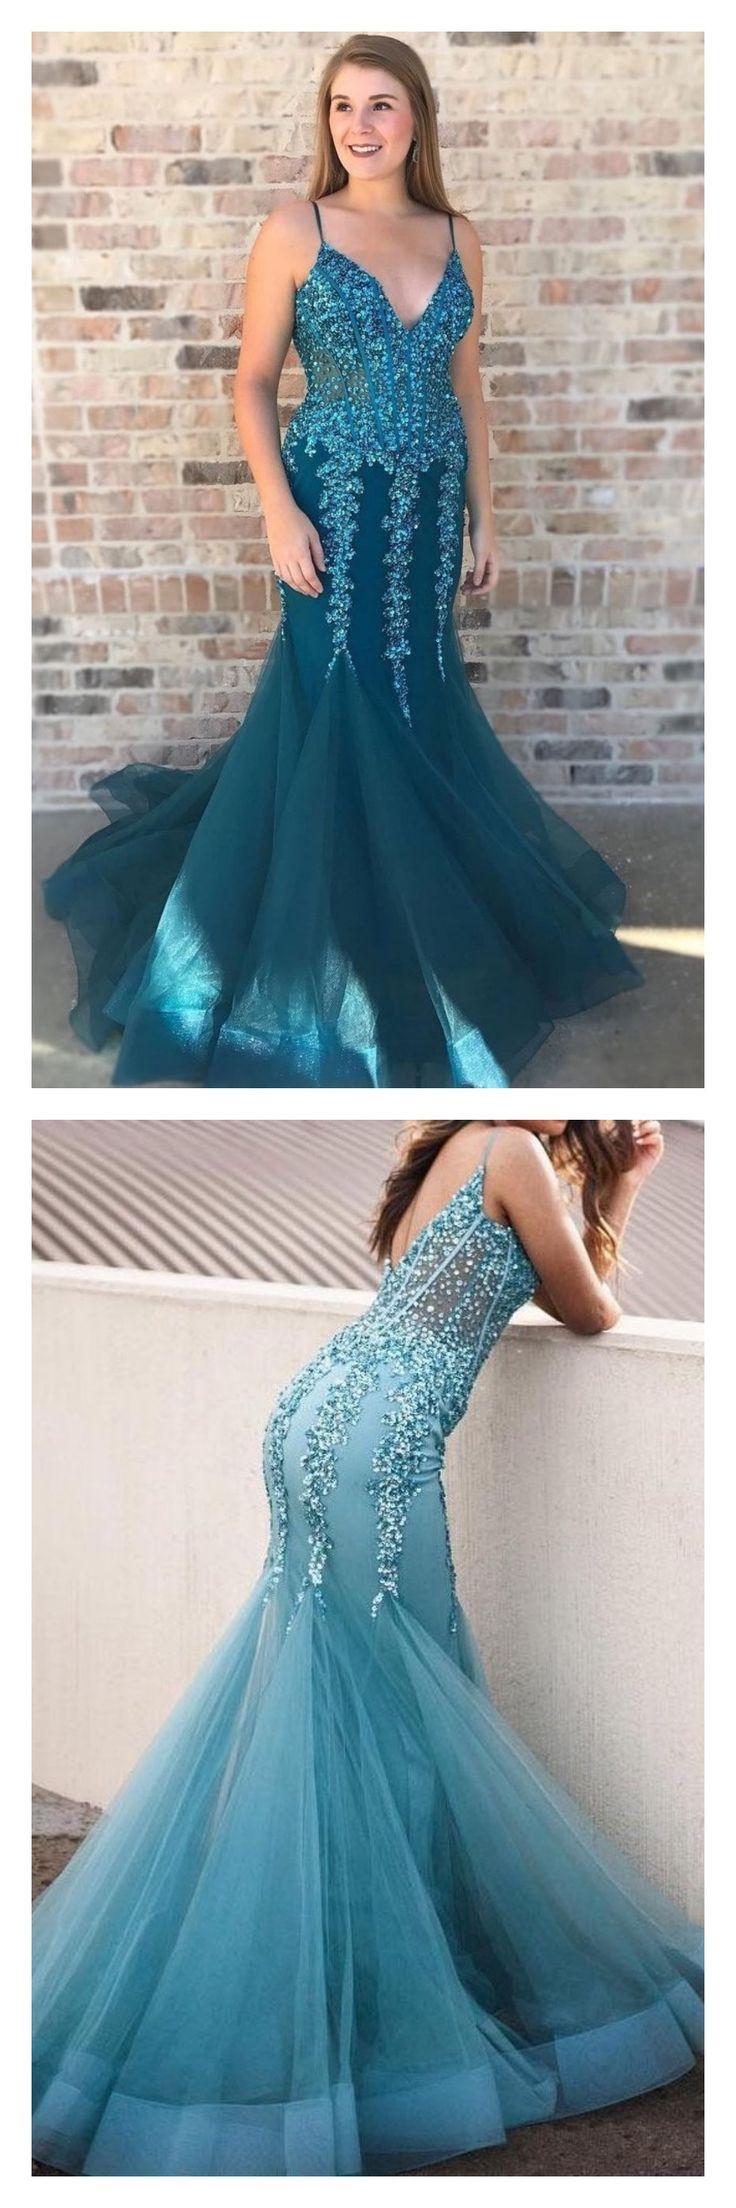 Fine Sparkly Long Prom Dresses Gallery - Wedding Ideas - memiocall.com